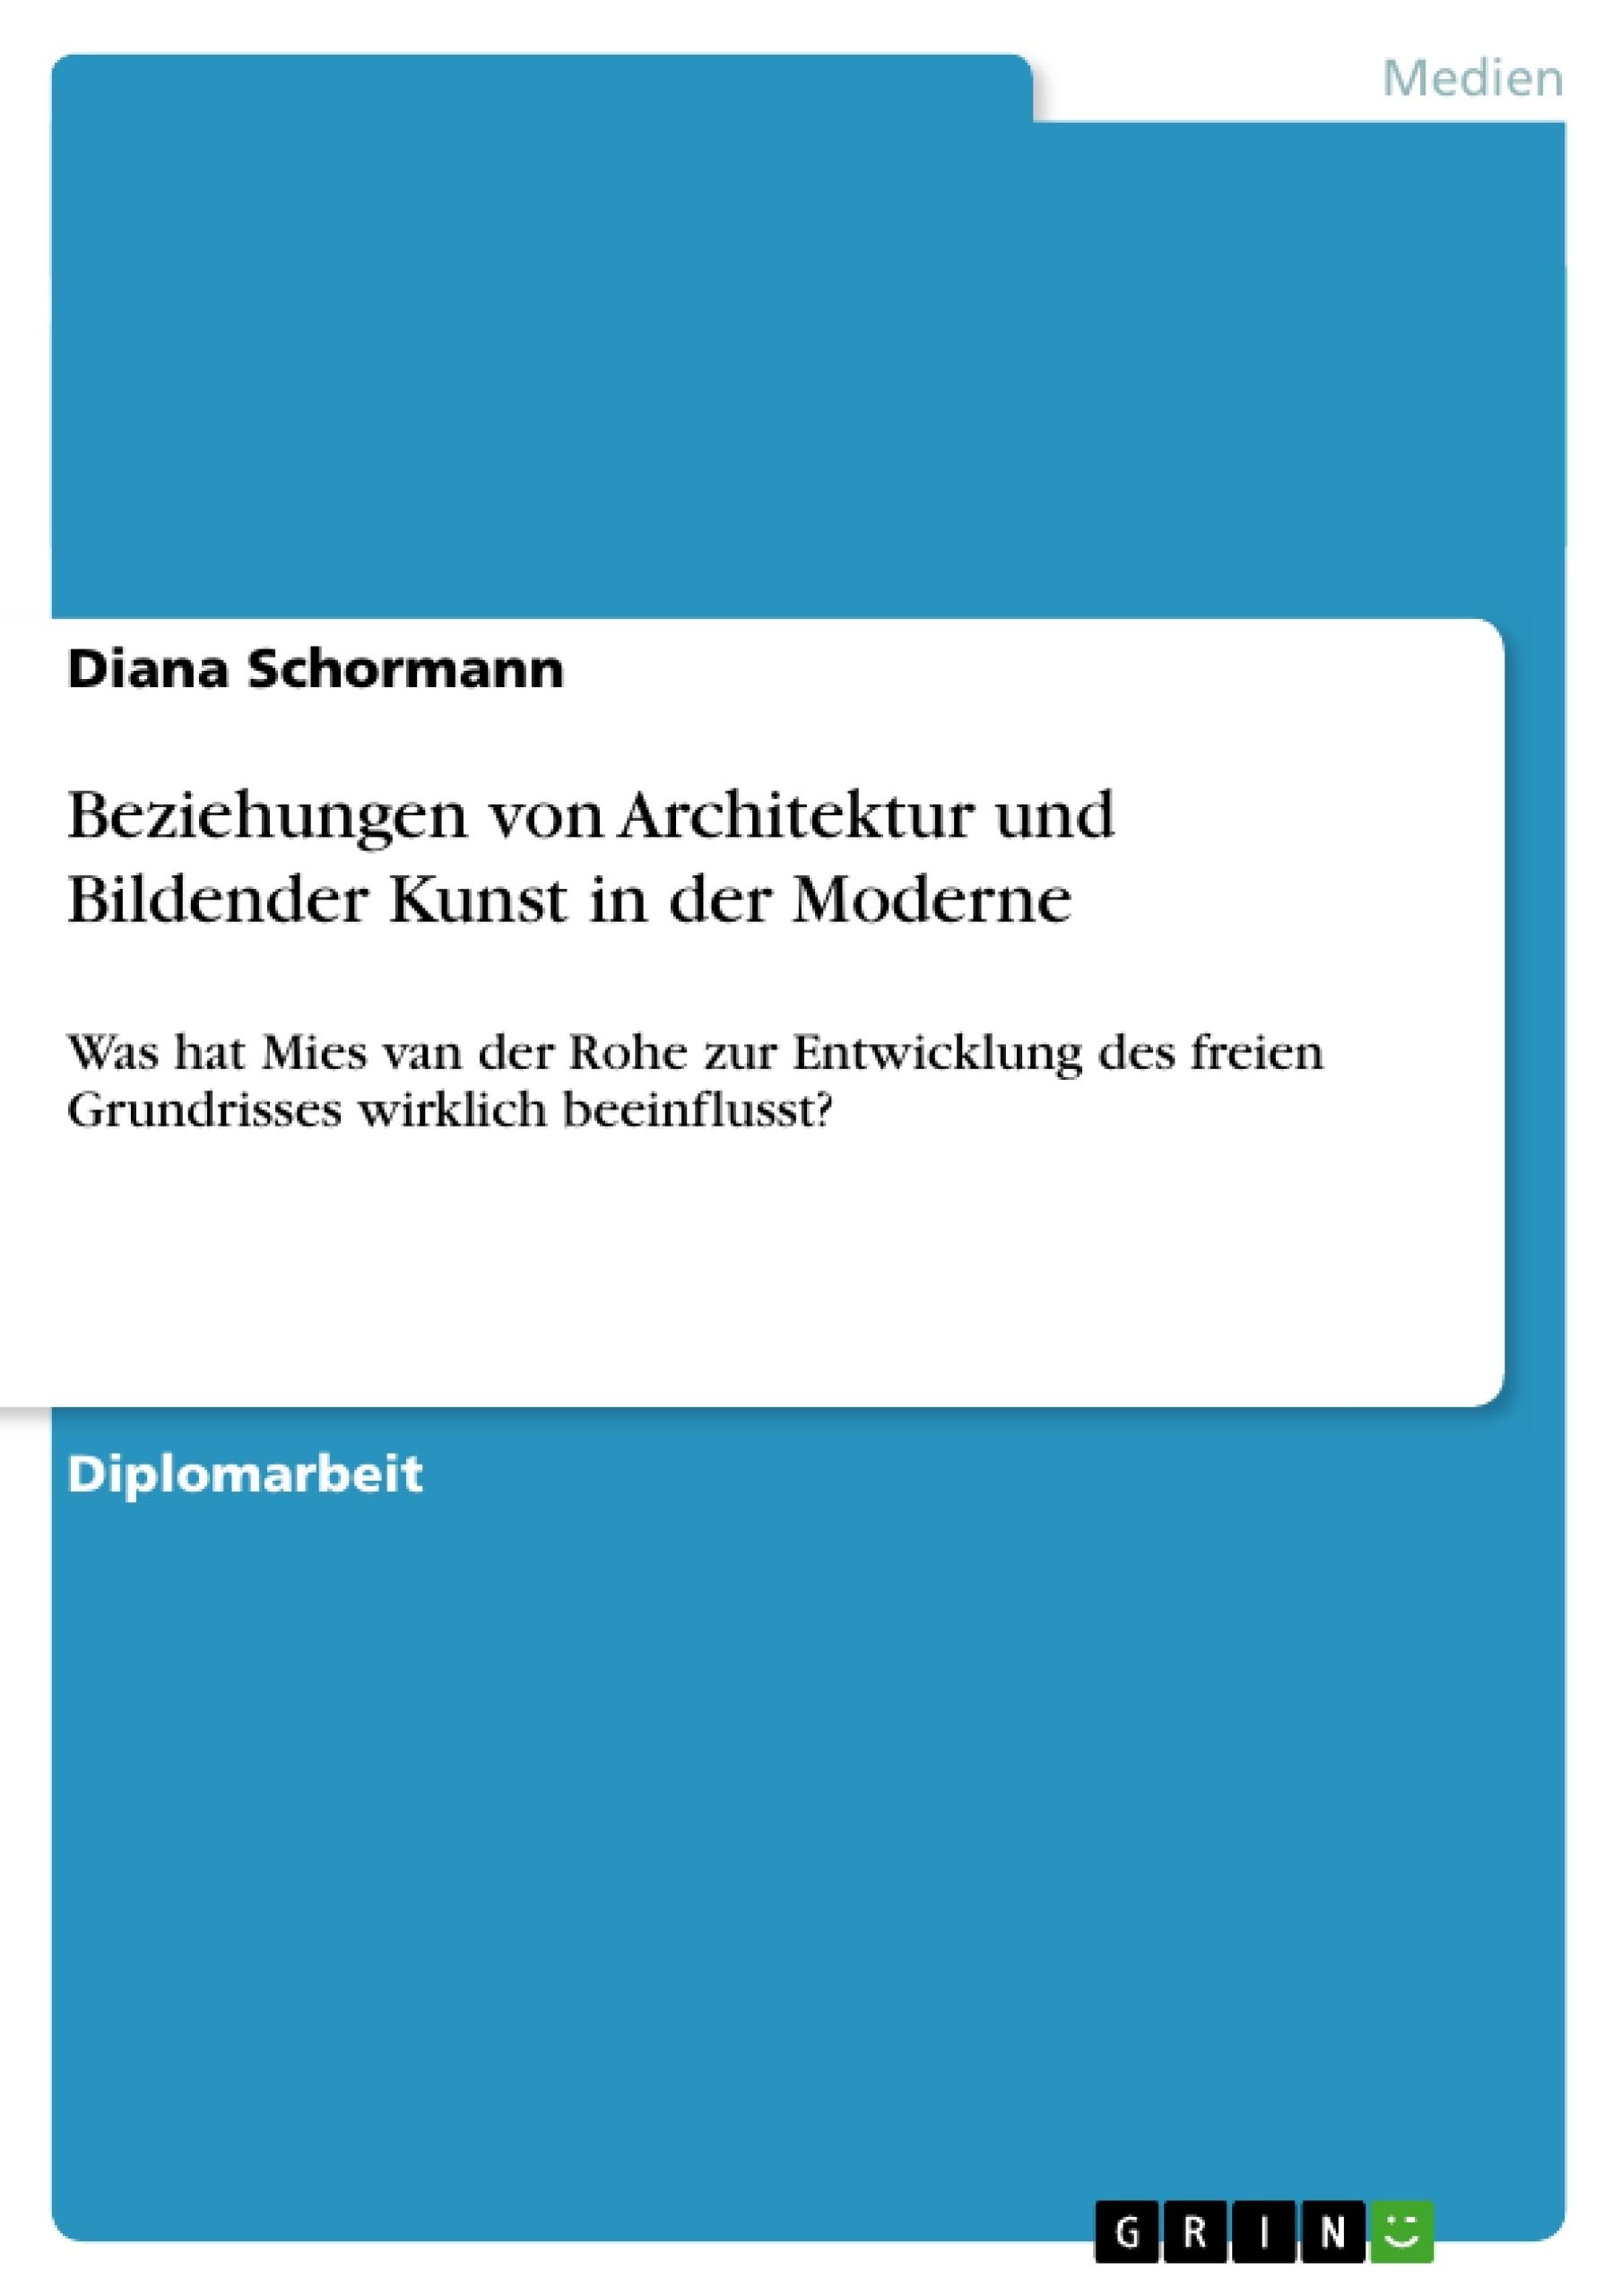 Titel: Beziehungen von Architektur und Bildender Kunst in der Moderne